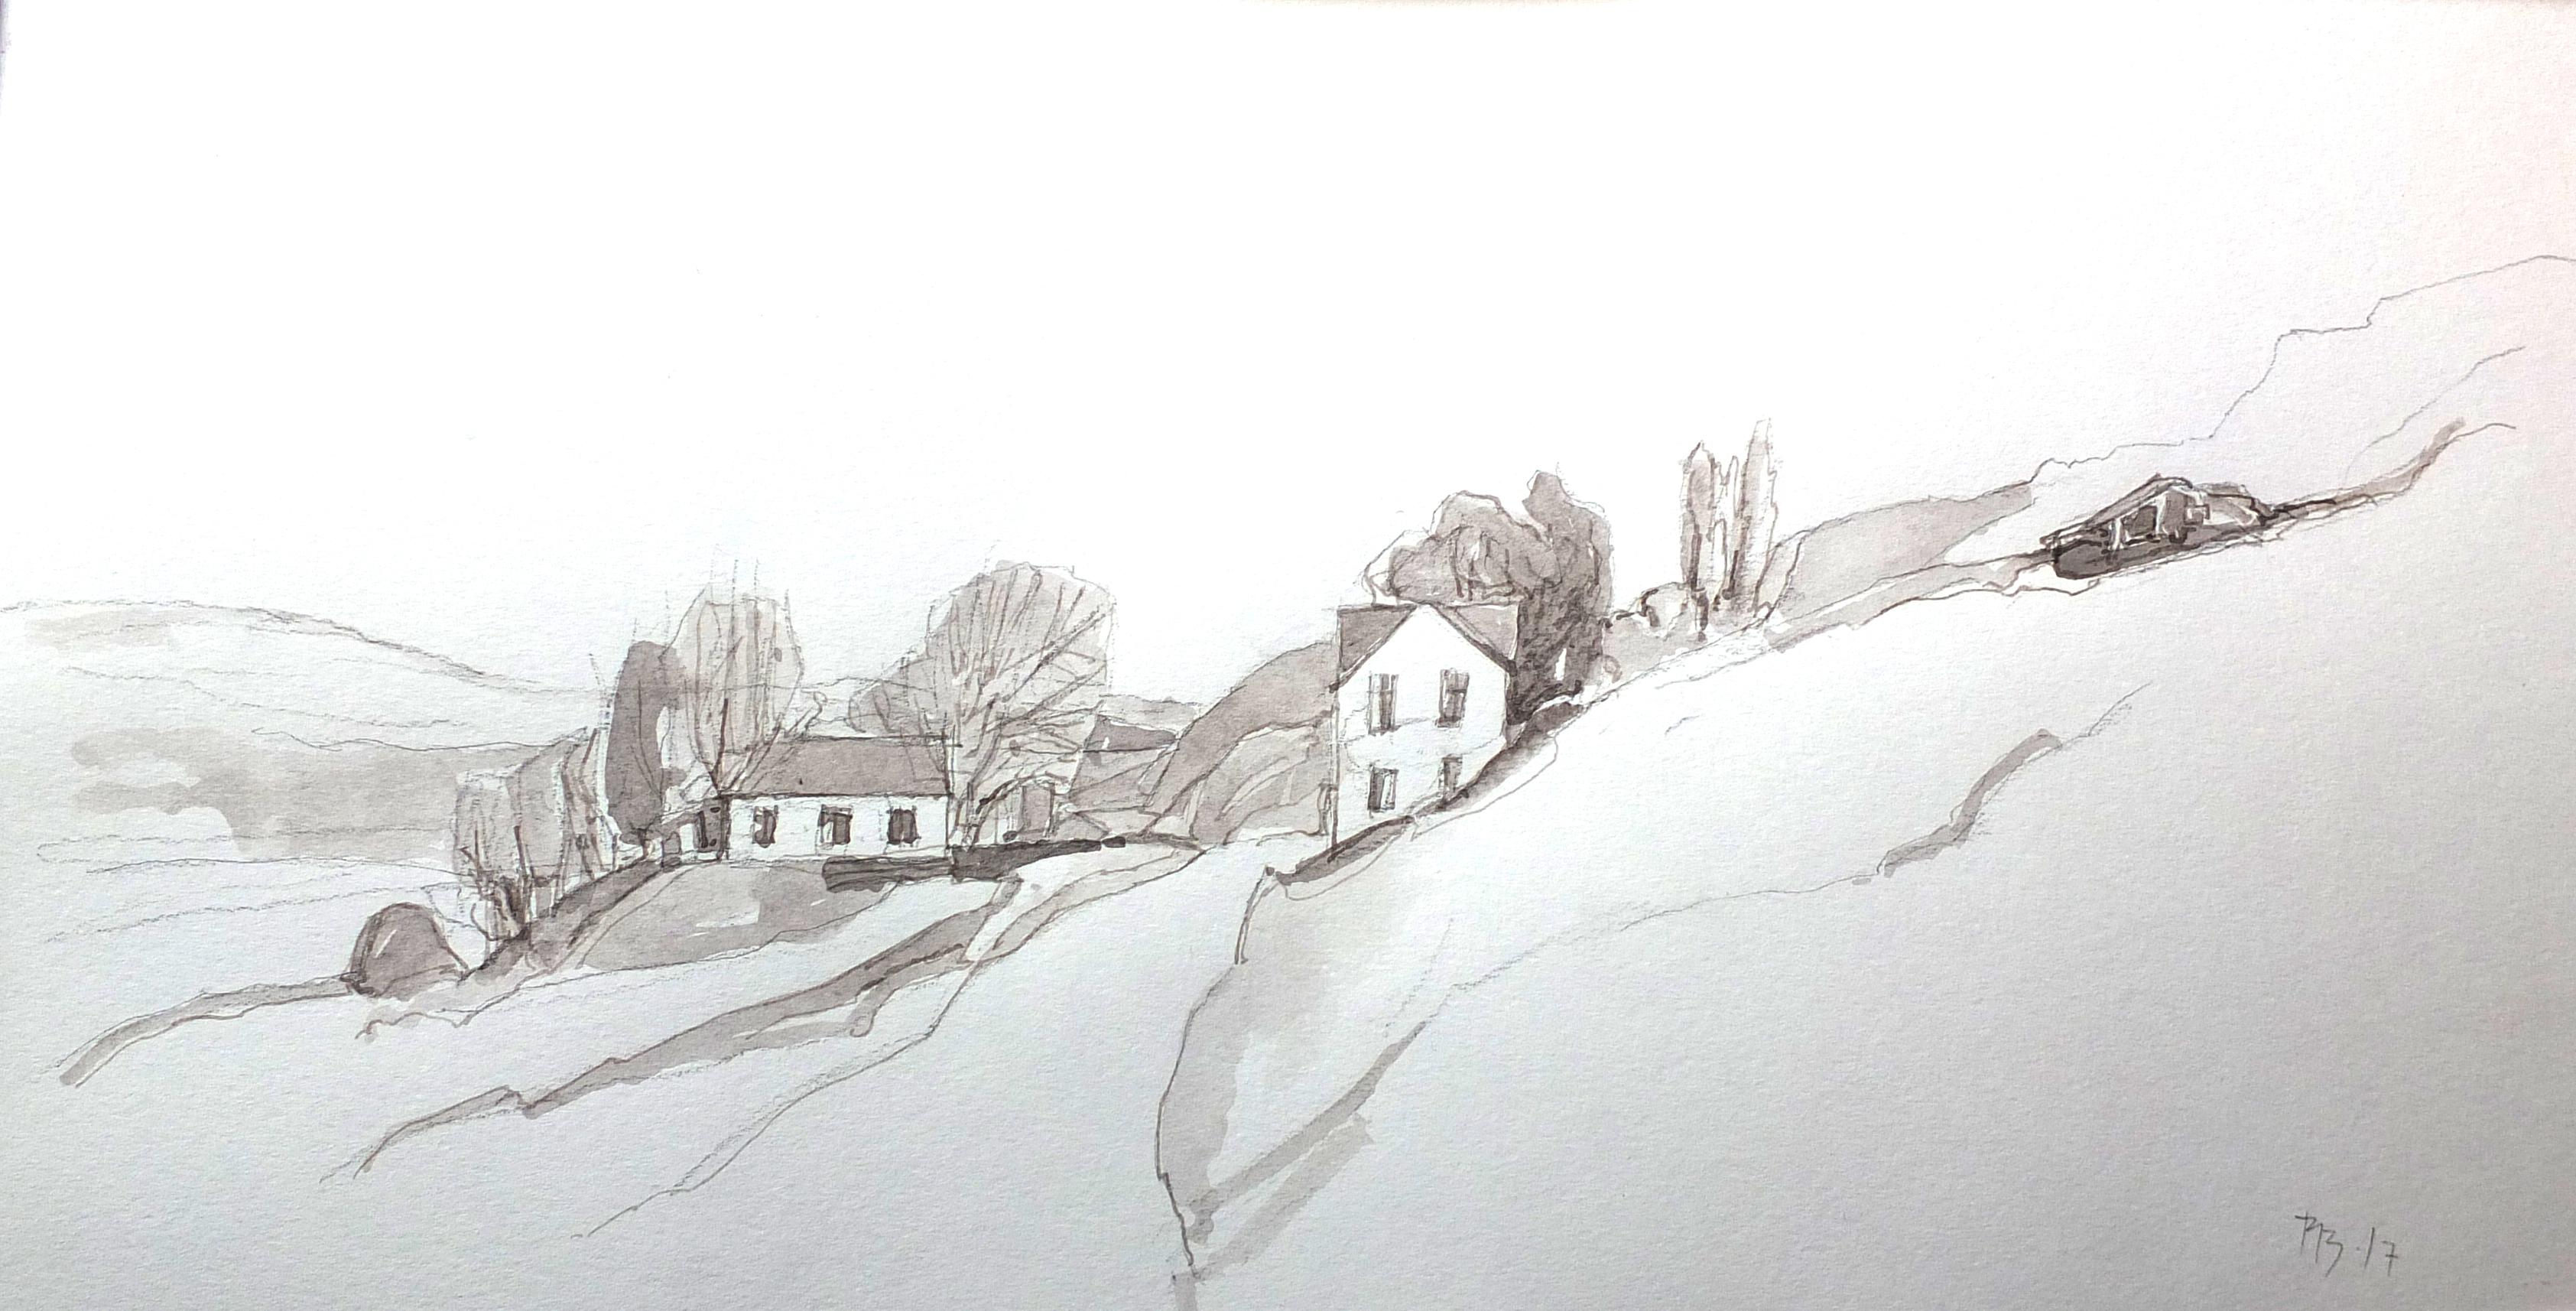 Hrafnkelsstaðir